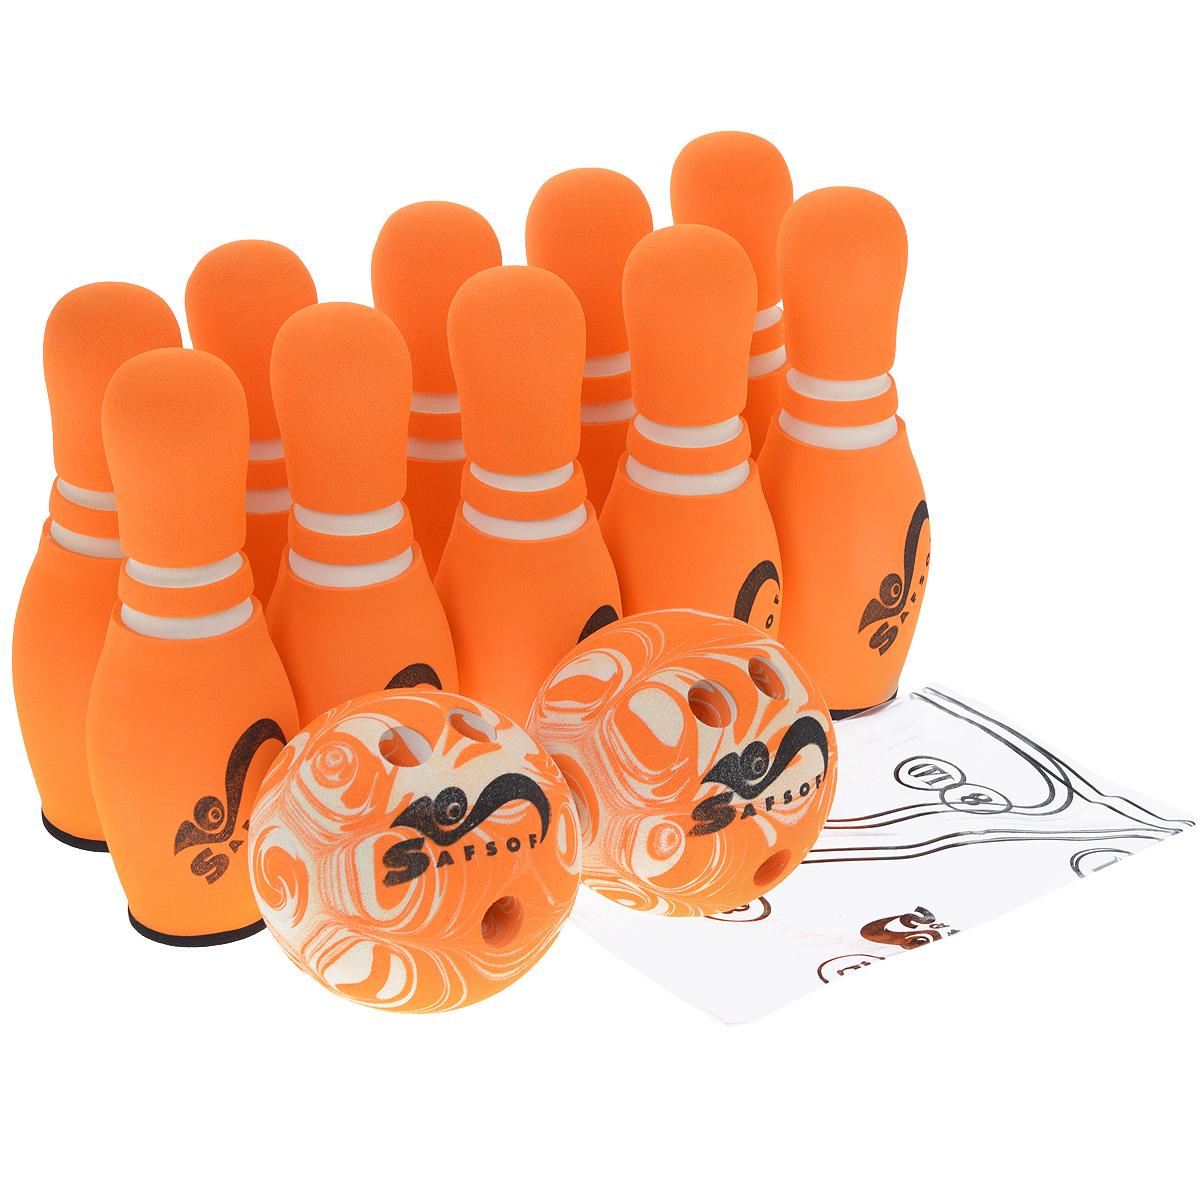 Игровой набор Safsof Боулинг, цвет: белый, оранжевый, диаметр шара 14 смJBB-07-2(B)оранжевыйИгровой набор Safsof Боулинг, изготовленный из вспененной резины, состоит из десяти кеглей и двух шаров. Он безопасен и мягок, это обеспечивает безопасность ребенку. Суть игры в боулинг - сбить шаром максимальное количество кеглей. Число игроков и количество туров - произвольное. Очки, набранные с каждым броском мяча, рассматриваются как количество сбитых кегель. Расстояние, с которого совершается бросок, определяется игроками. Каждый игрок имеет право на два броска в одной рамке (рамка - треугольник, на поле которого выстраиваются кегли перед каждым первым броском очередного игрока). Бросок, при котором все кегли сбиты, называется страйк и обозначается как Х. Если все кегли сбиты первым броском, второй бросок не требуется: рамка считается закрытой. Призовые очки за страйк - это сумма кеглей, сбитых игроком следующими двумя бросками. Выигрывает тот игрок, который в сумме набирает больше очков. Диаметр шаров: 14 см. Высота кегель: 30 см.